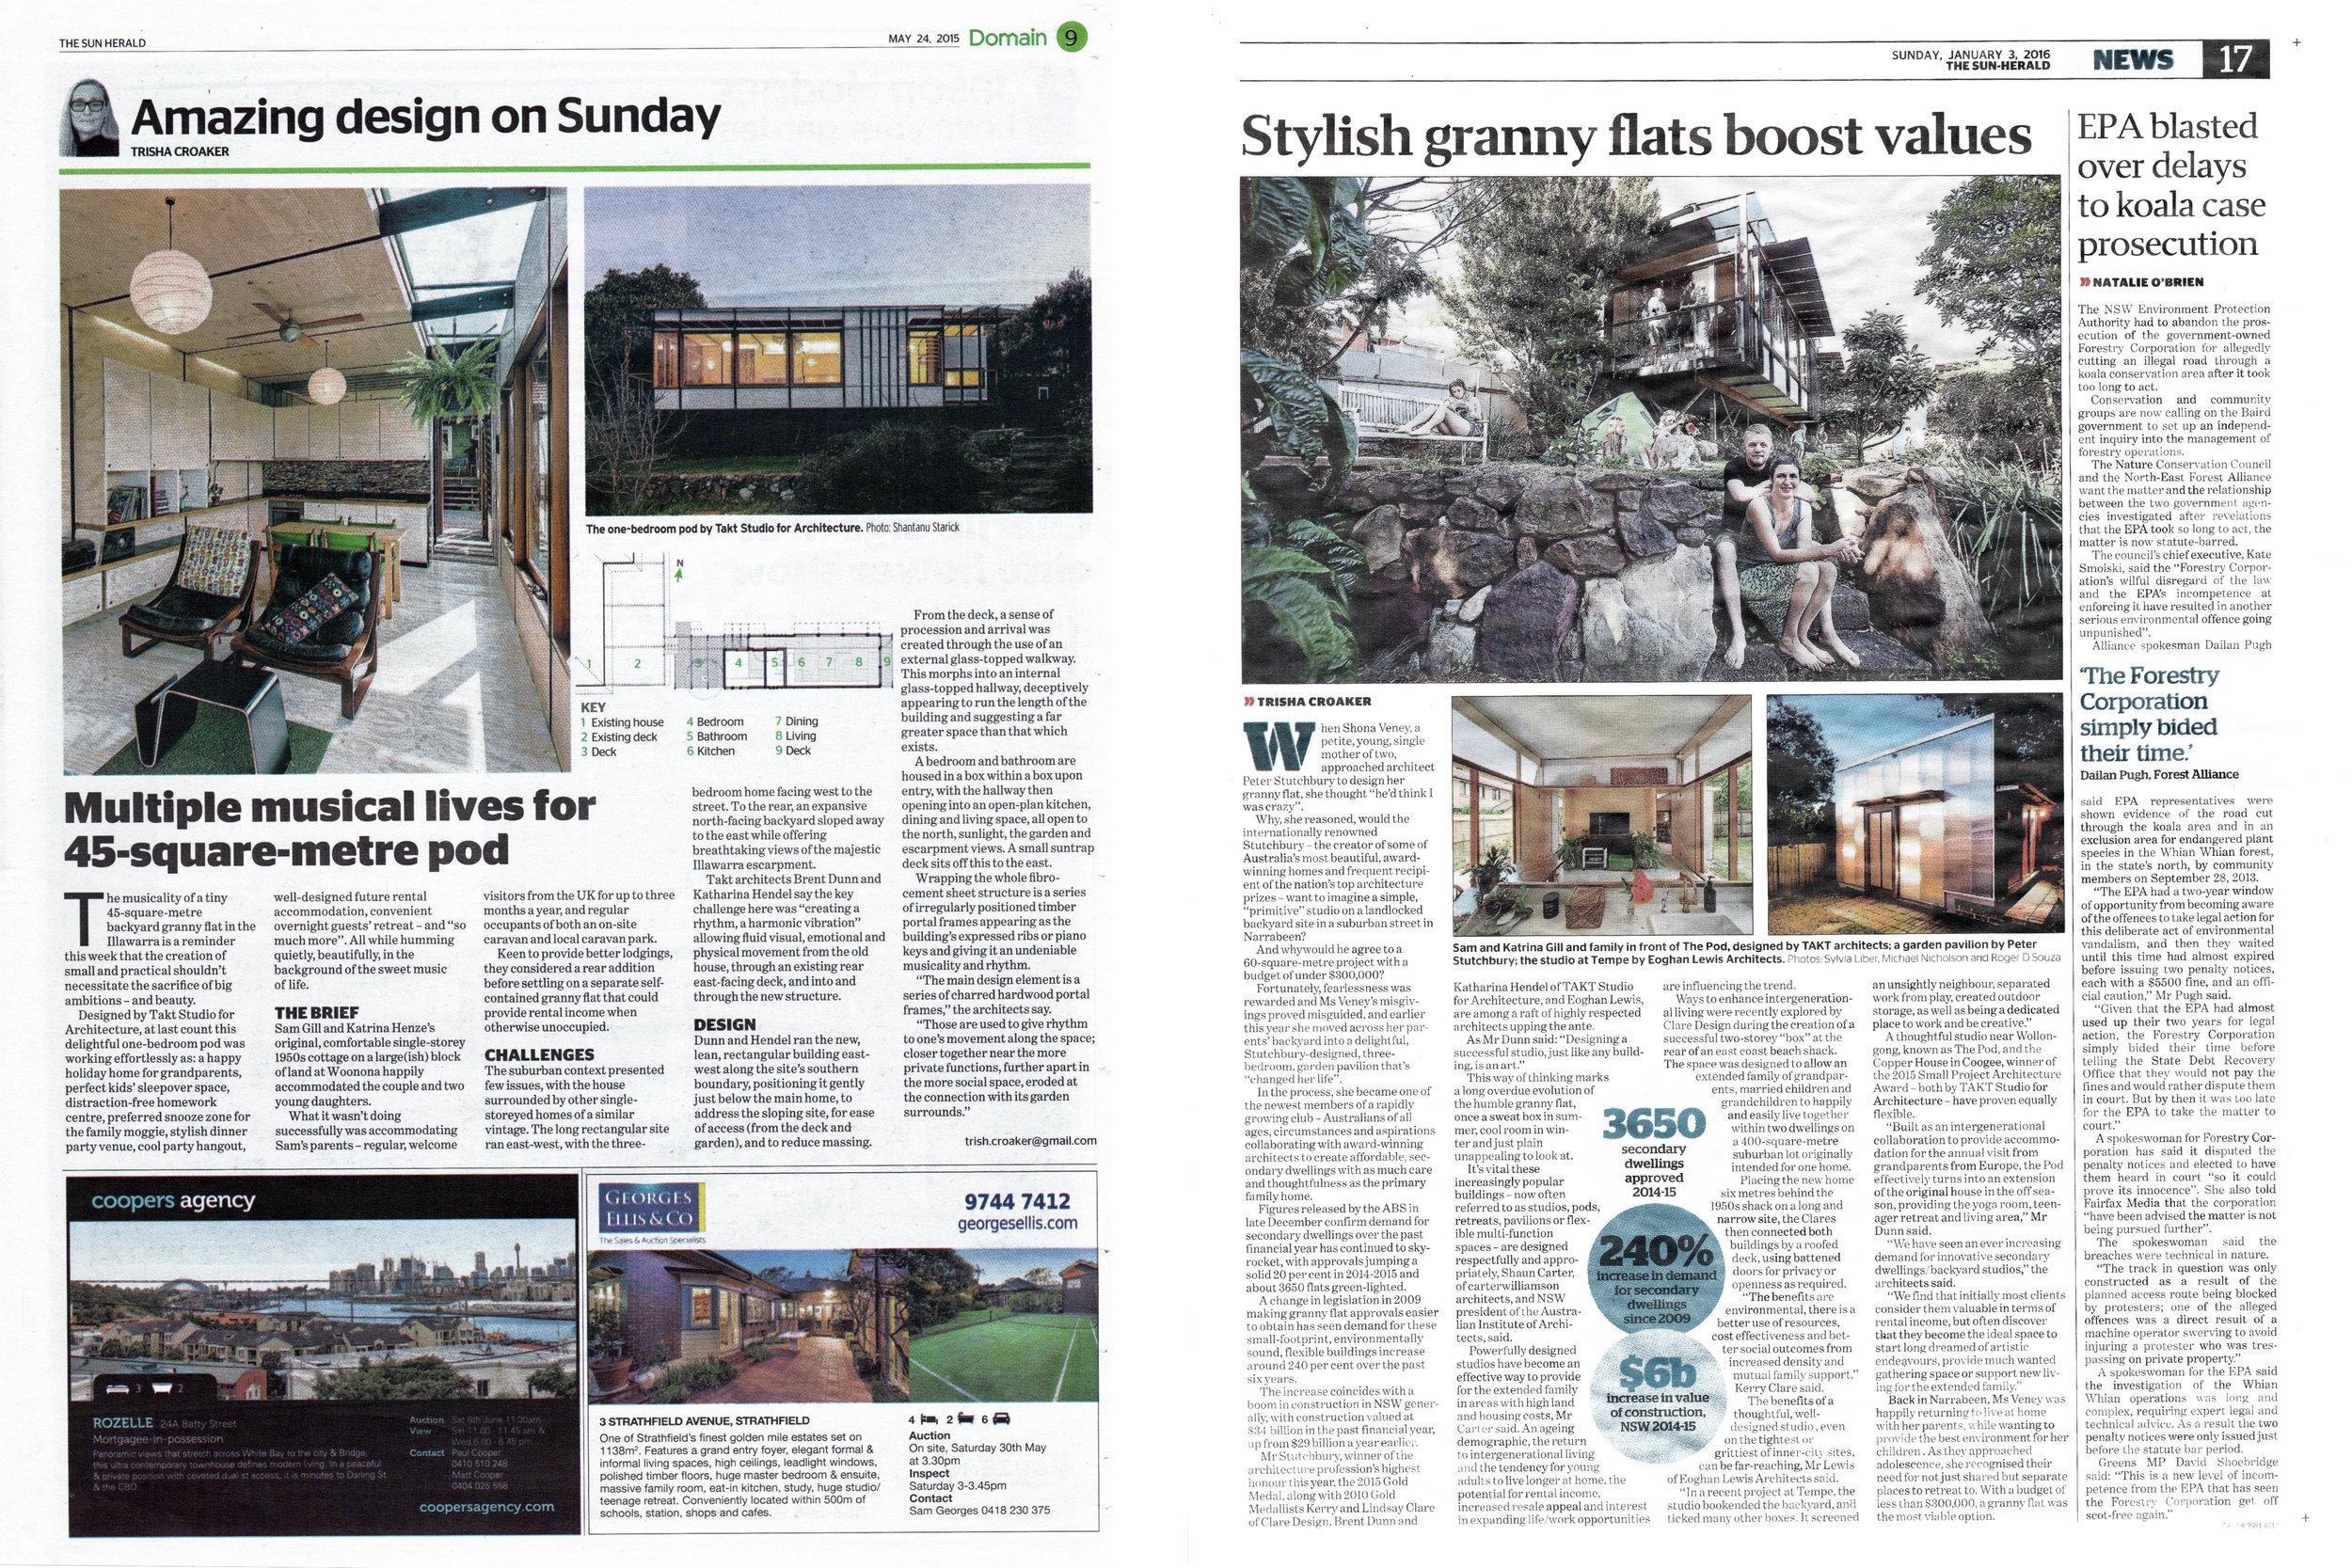 Sun Herald | Domain - The Pod Granny Flat